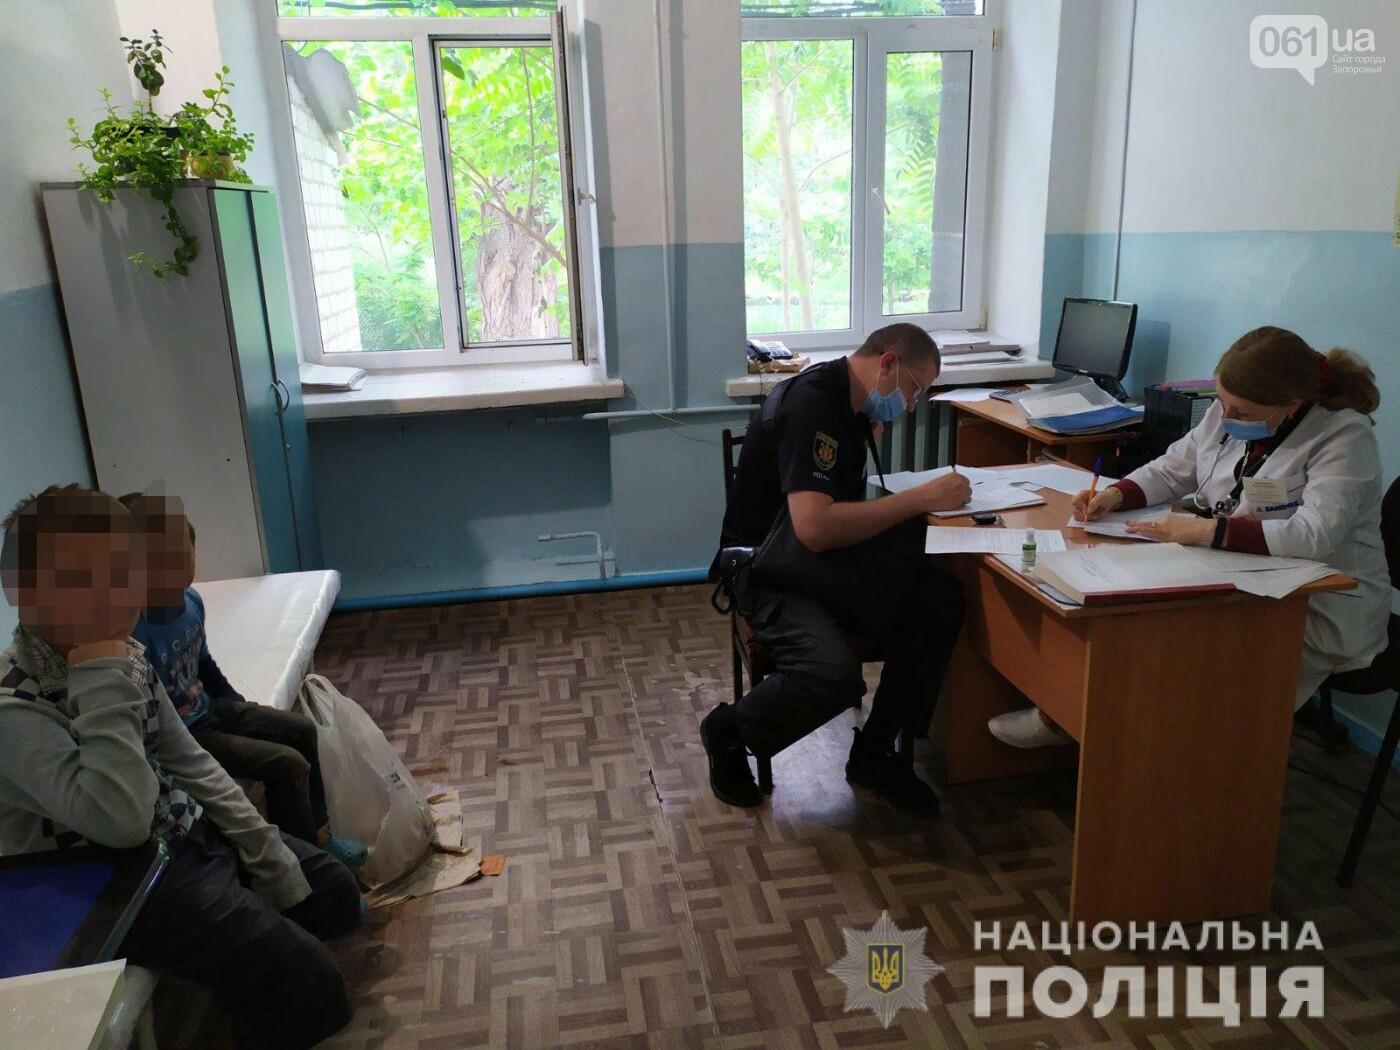 ditu1 60c369713bd1b - В Запорожской области потерялись двое детей, уйдя в магазин за продуктами